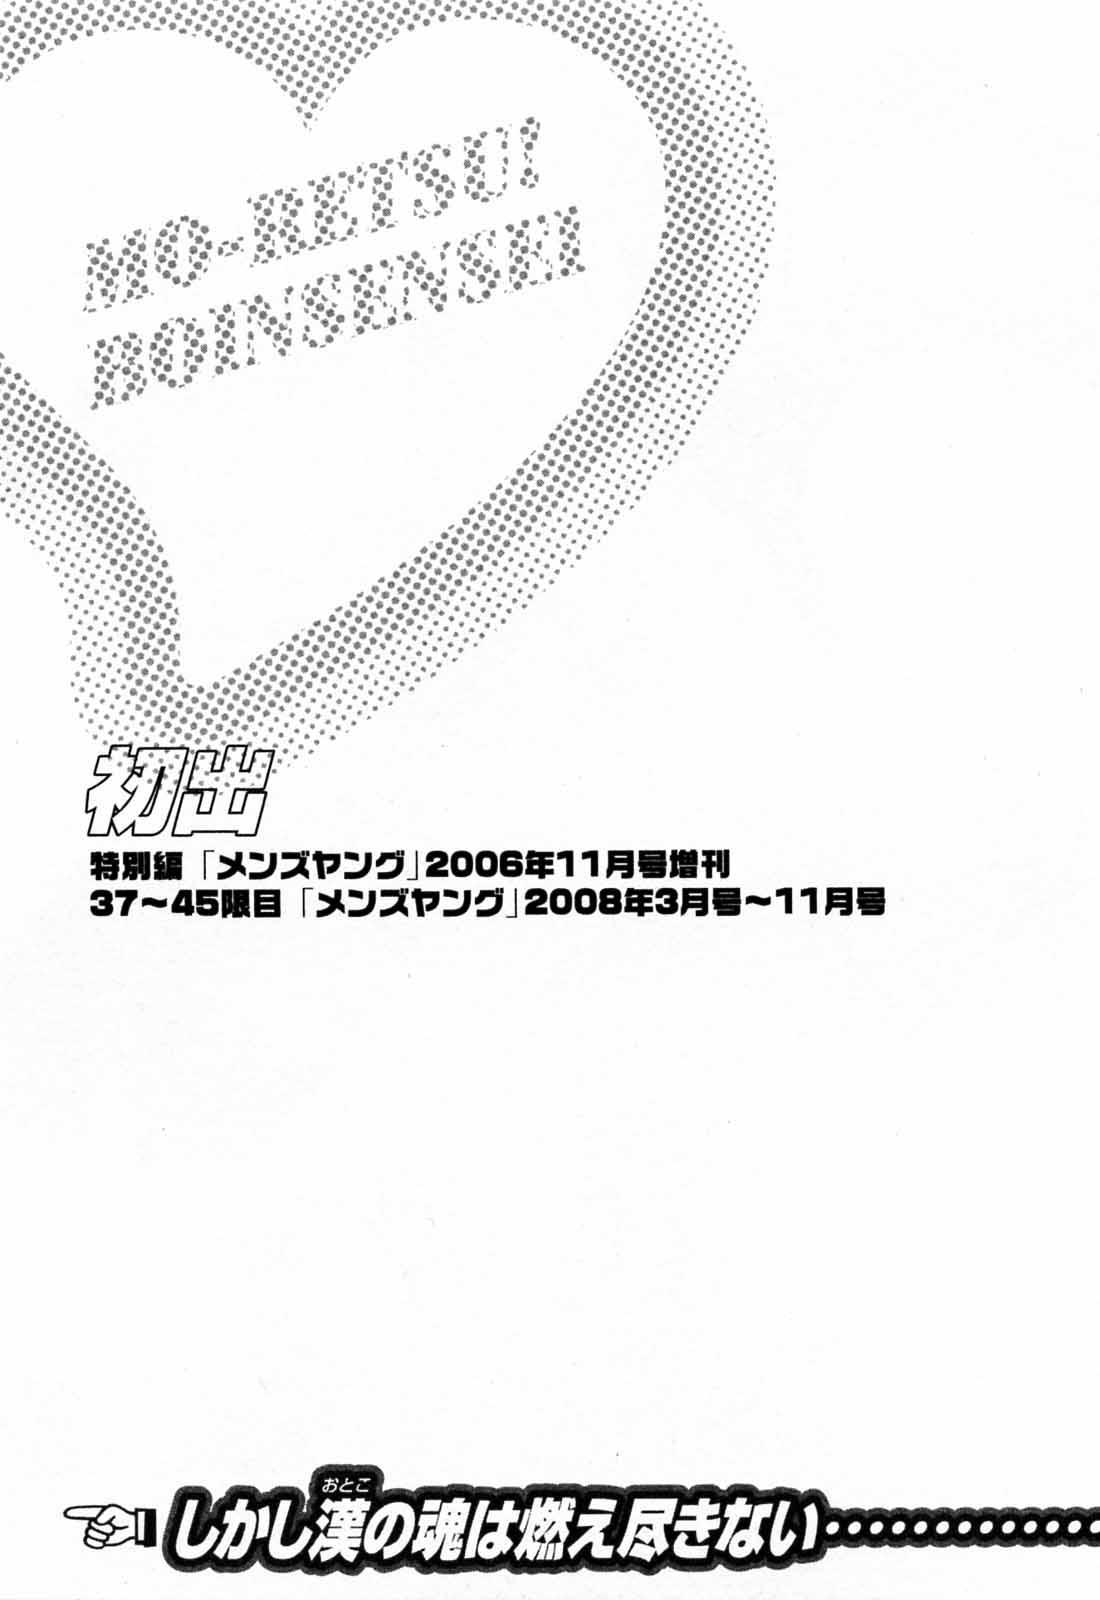 [Hidemaru] Mo-Retsu! Boin Sensei (Boing Boing Teacher) Vol.5 [English] [4dawgz] [Tadanohito] 191